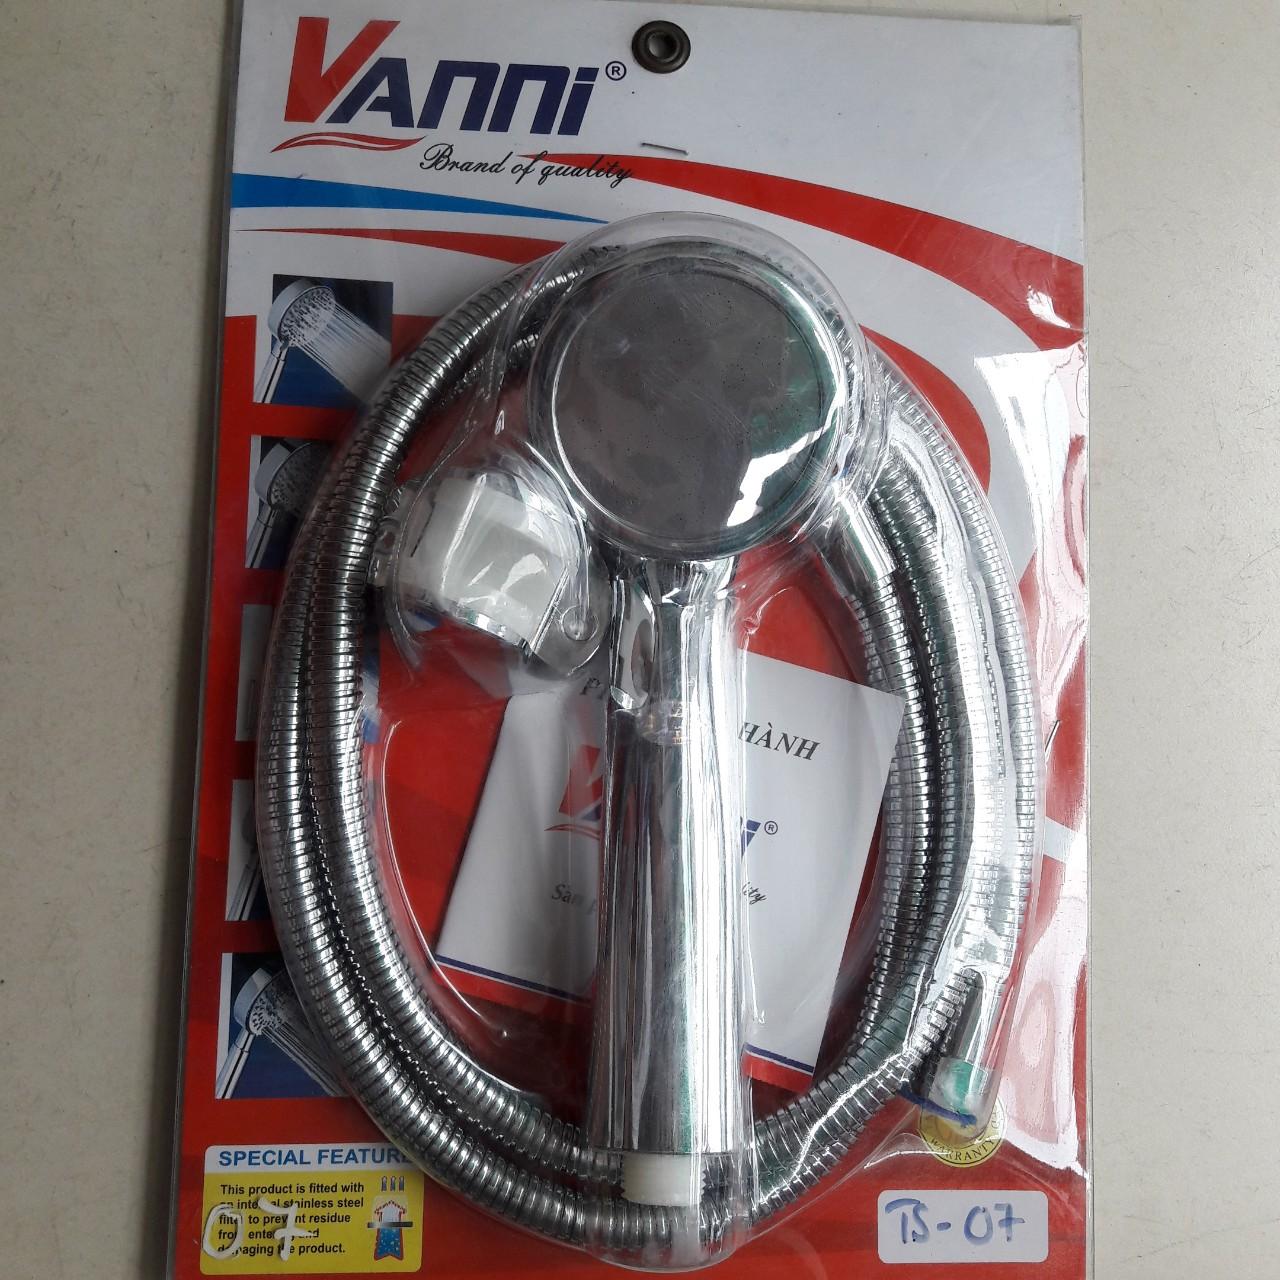 Vòi sen tắm tăng áp TS-07 VANNI